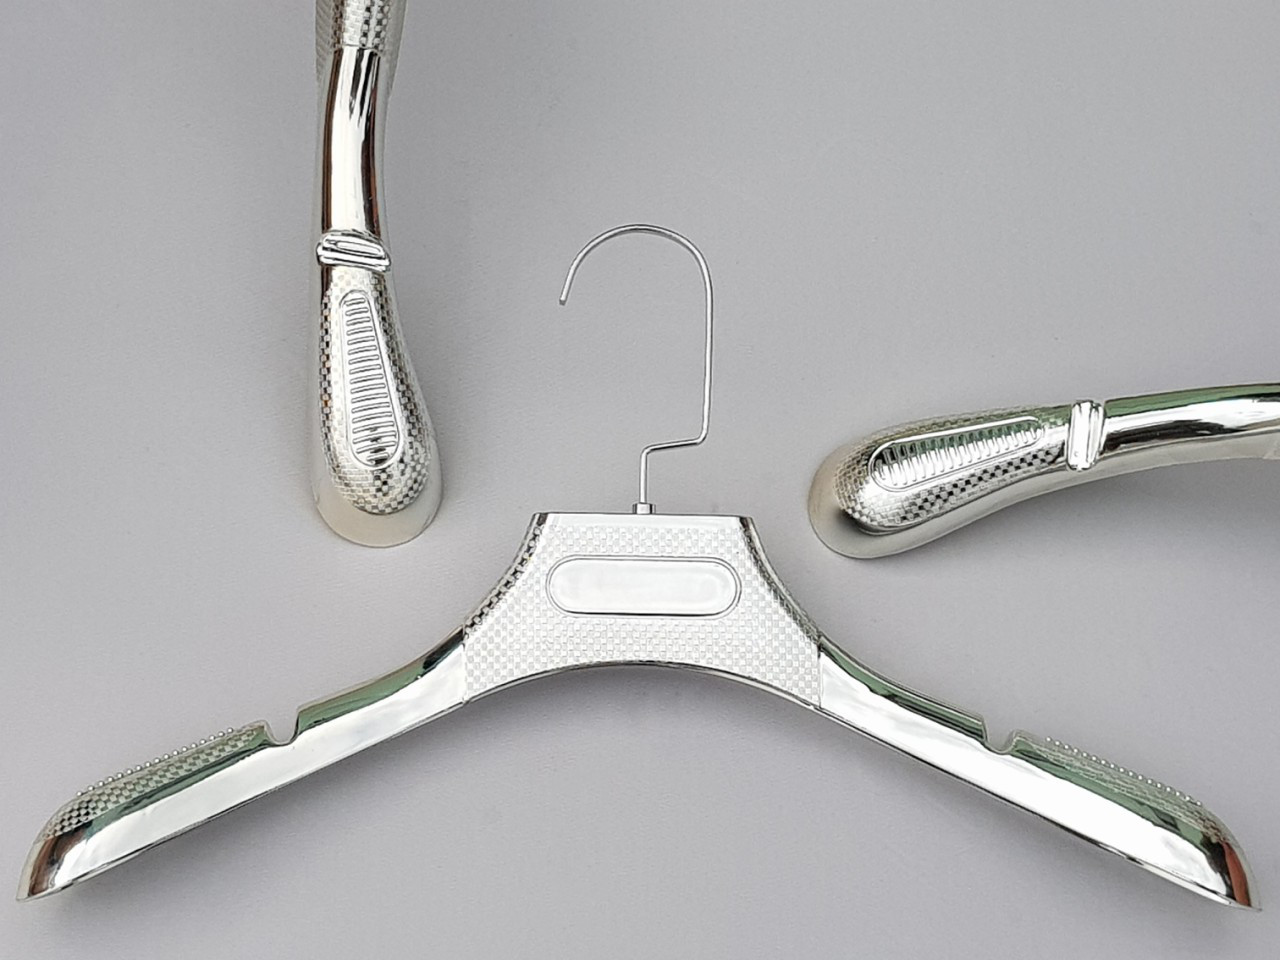 Длина 39 см. Плечики вешалки пластмассовые серебристого цвета с антискользящим ребристым плечом